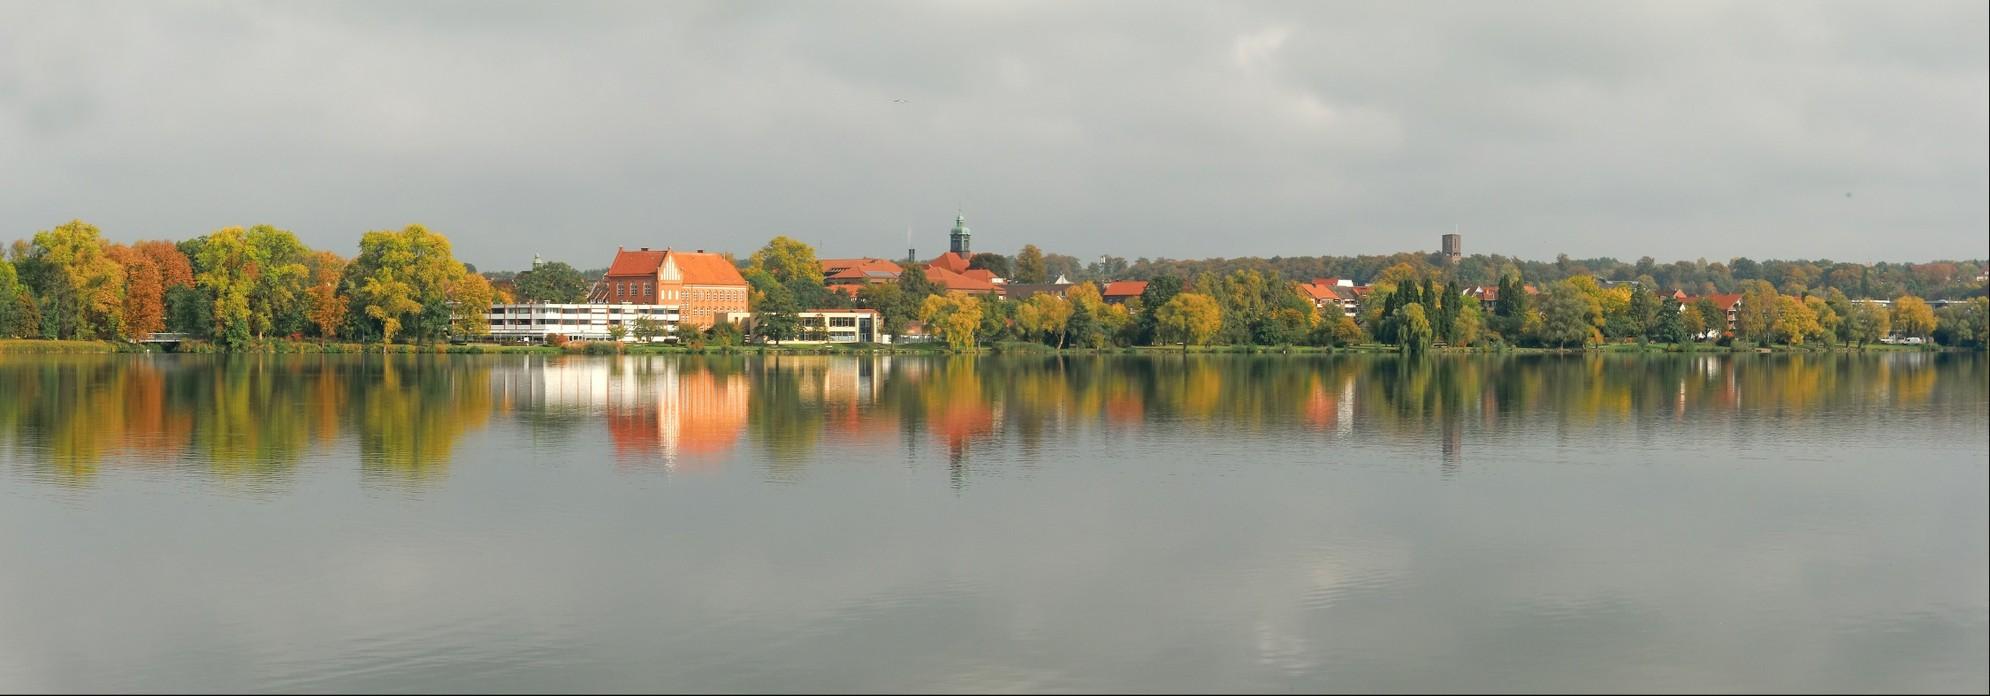 Inselstadt Ratzeburg, südlicher Inselrand